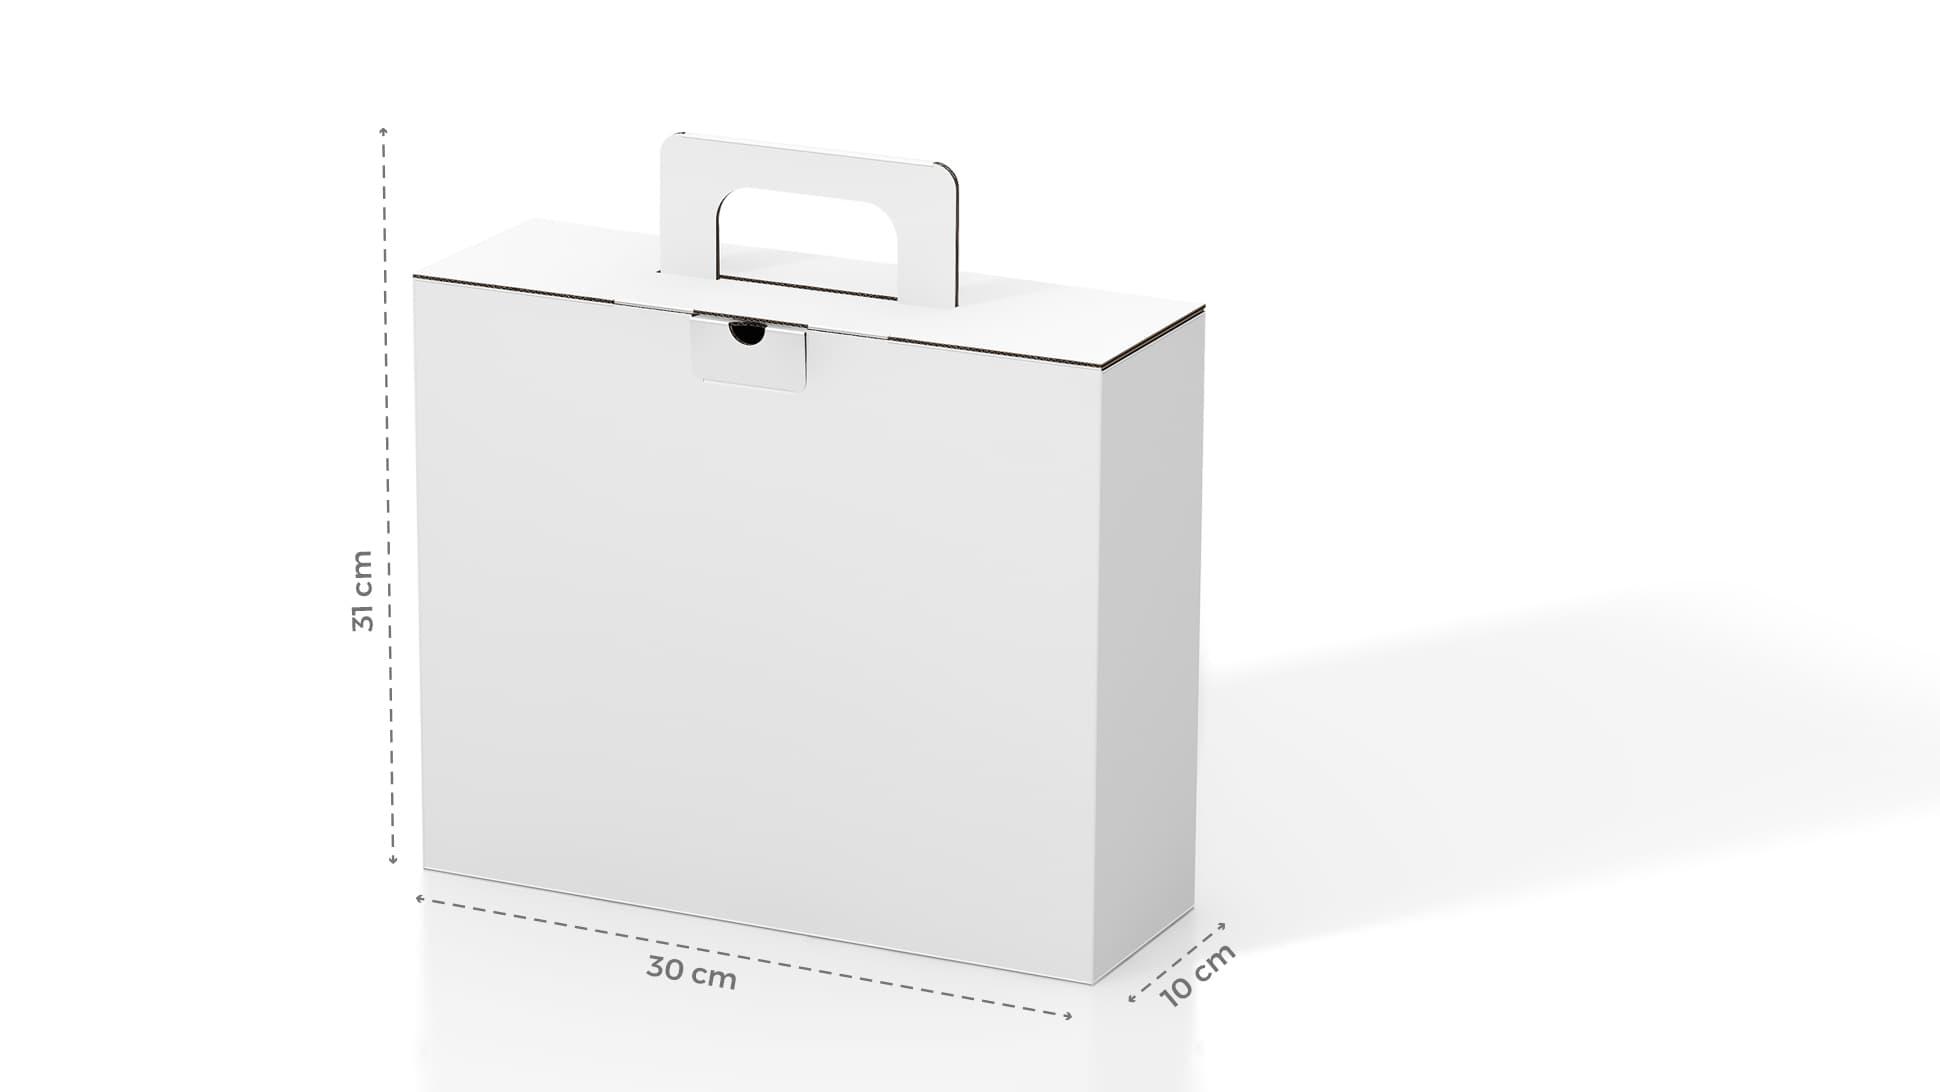 Scatola in cartone 30x31 cm personalizzabile | tictac.it